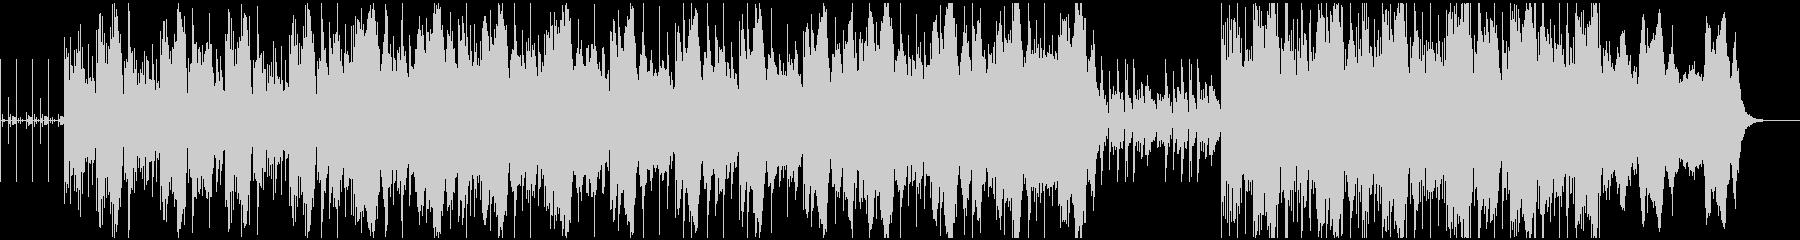 ループとコントラバスによるアンビエントの未再生の波形